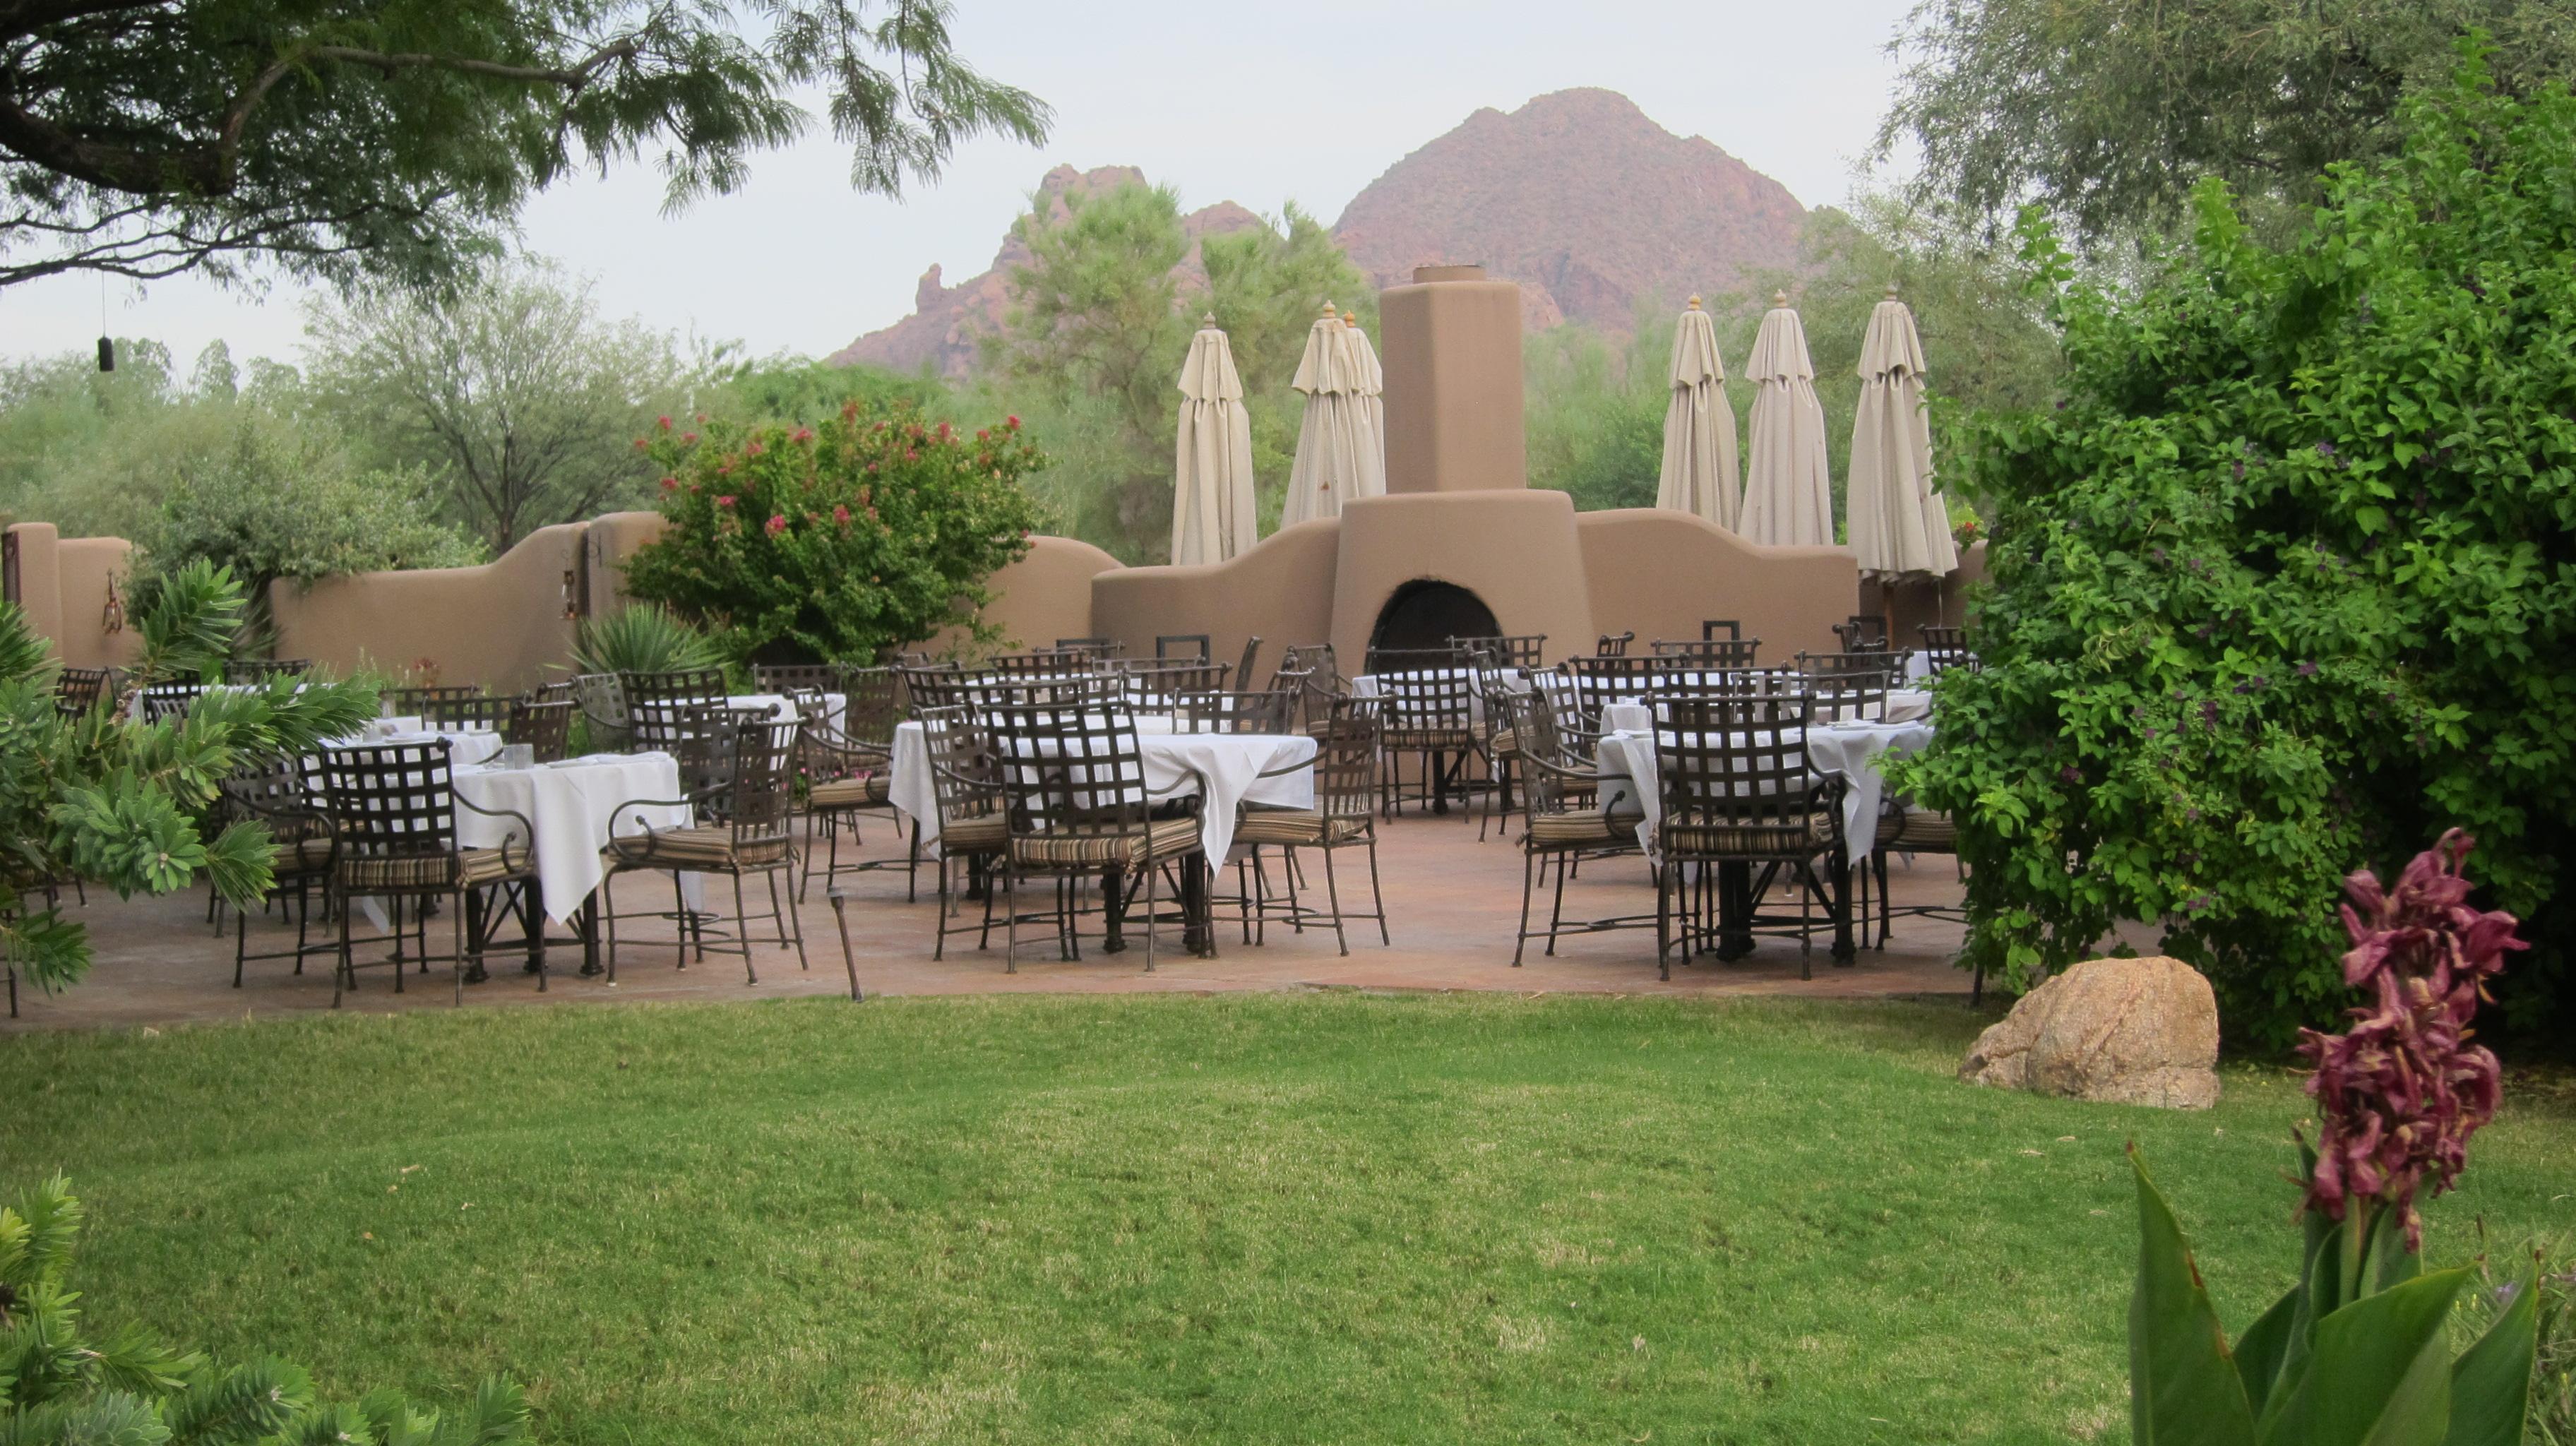 The Perfect Setting in Arizona